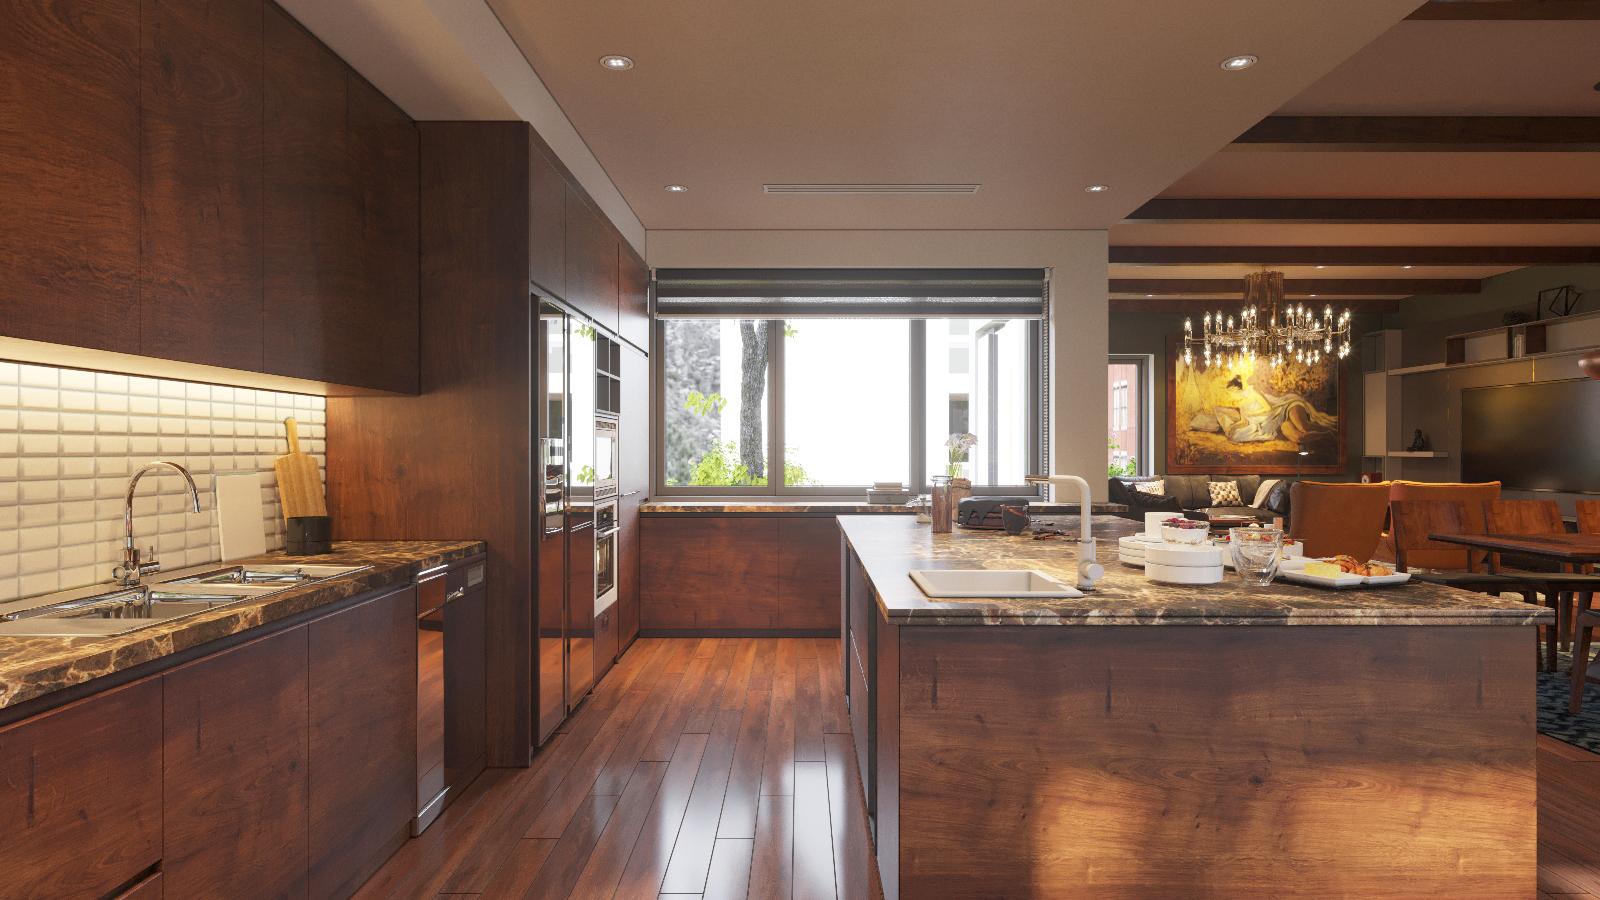 thiết kế Nội thất Biệt Thự 3 tầng biệt thự bt25 splendora mới (lakeside splendora)48